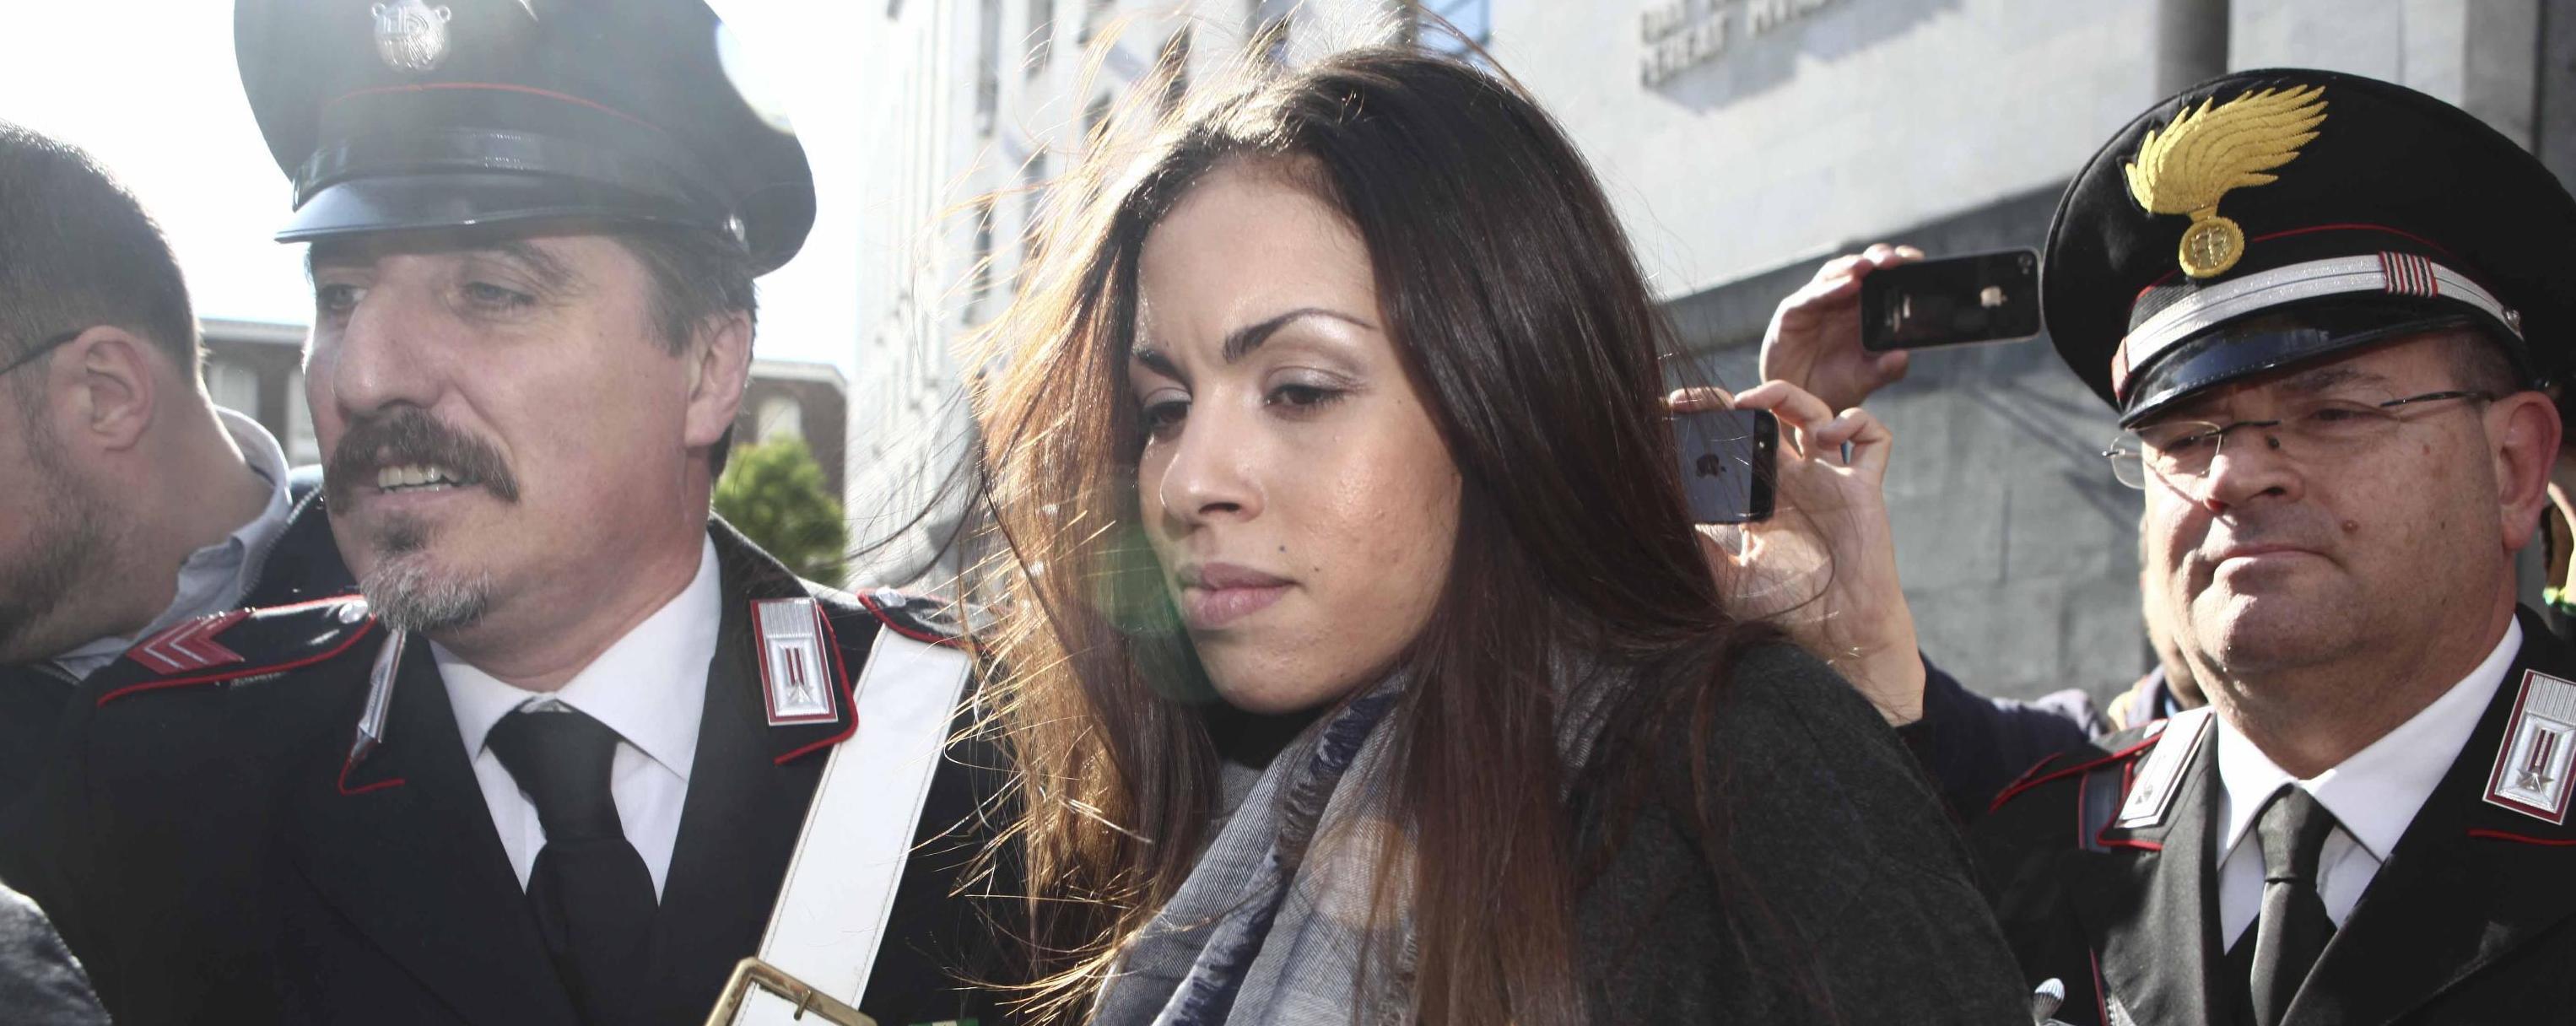 Ruby dopo la testimonianza al processo